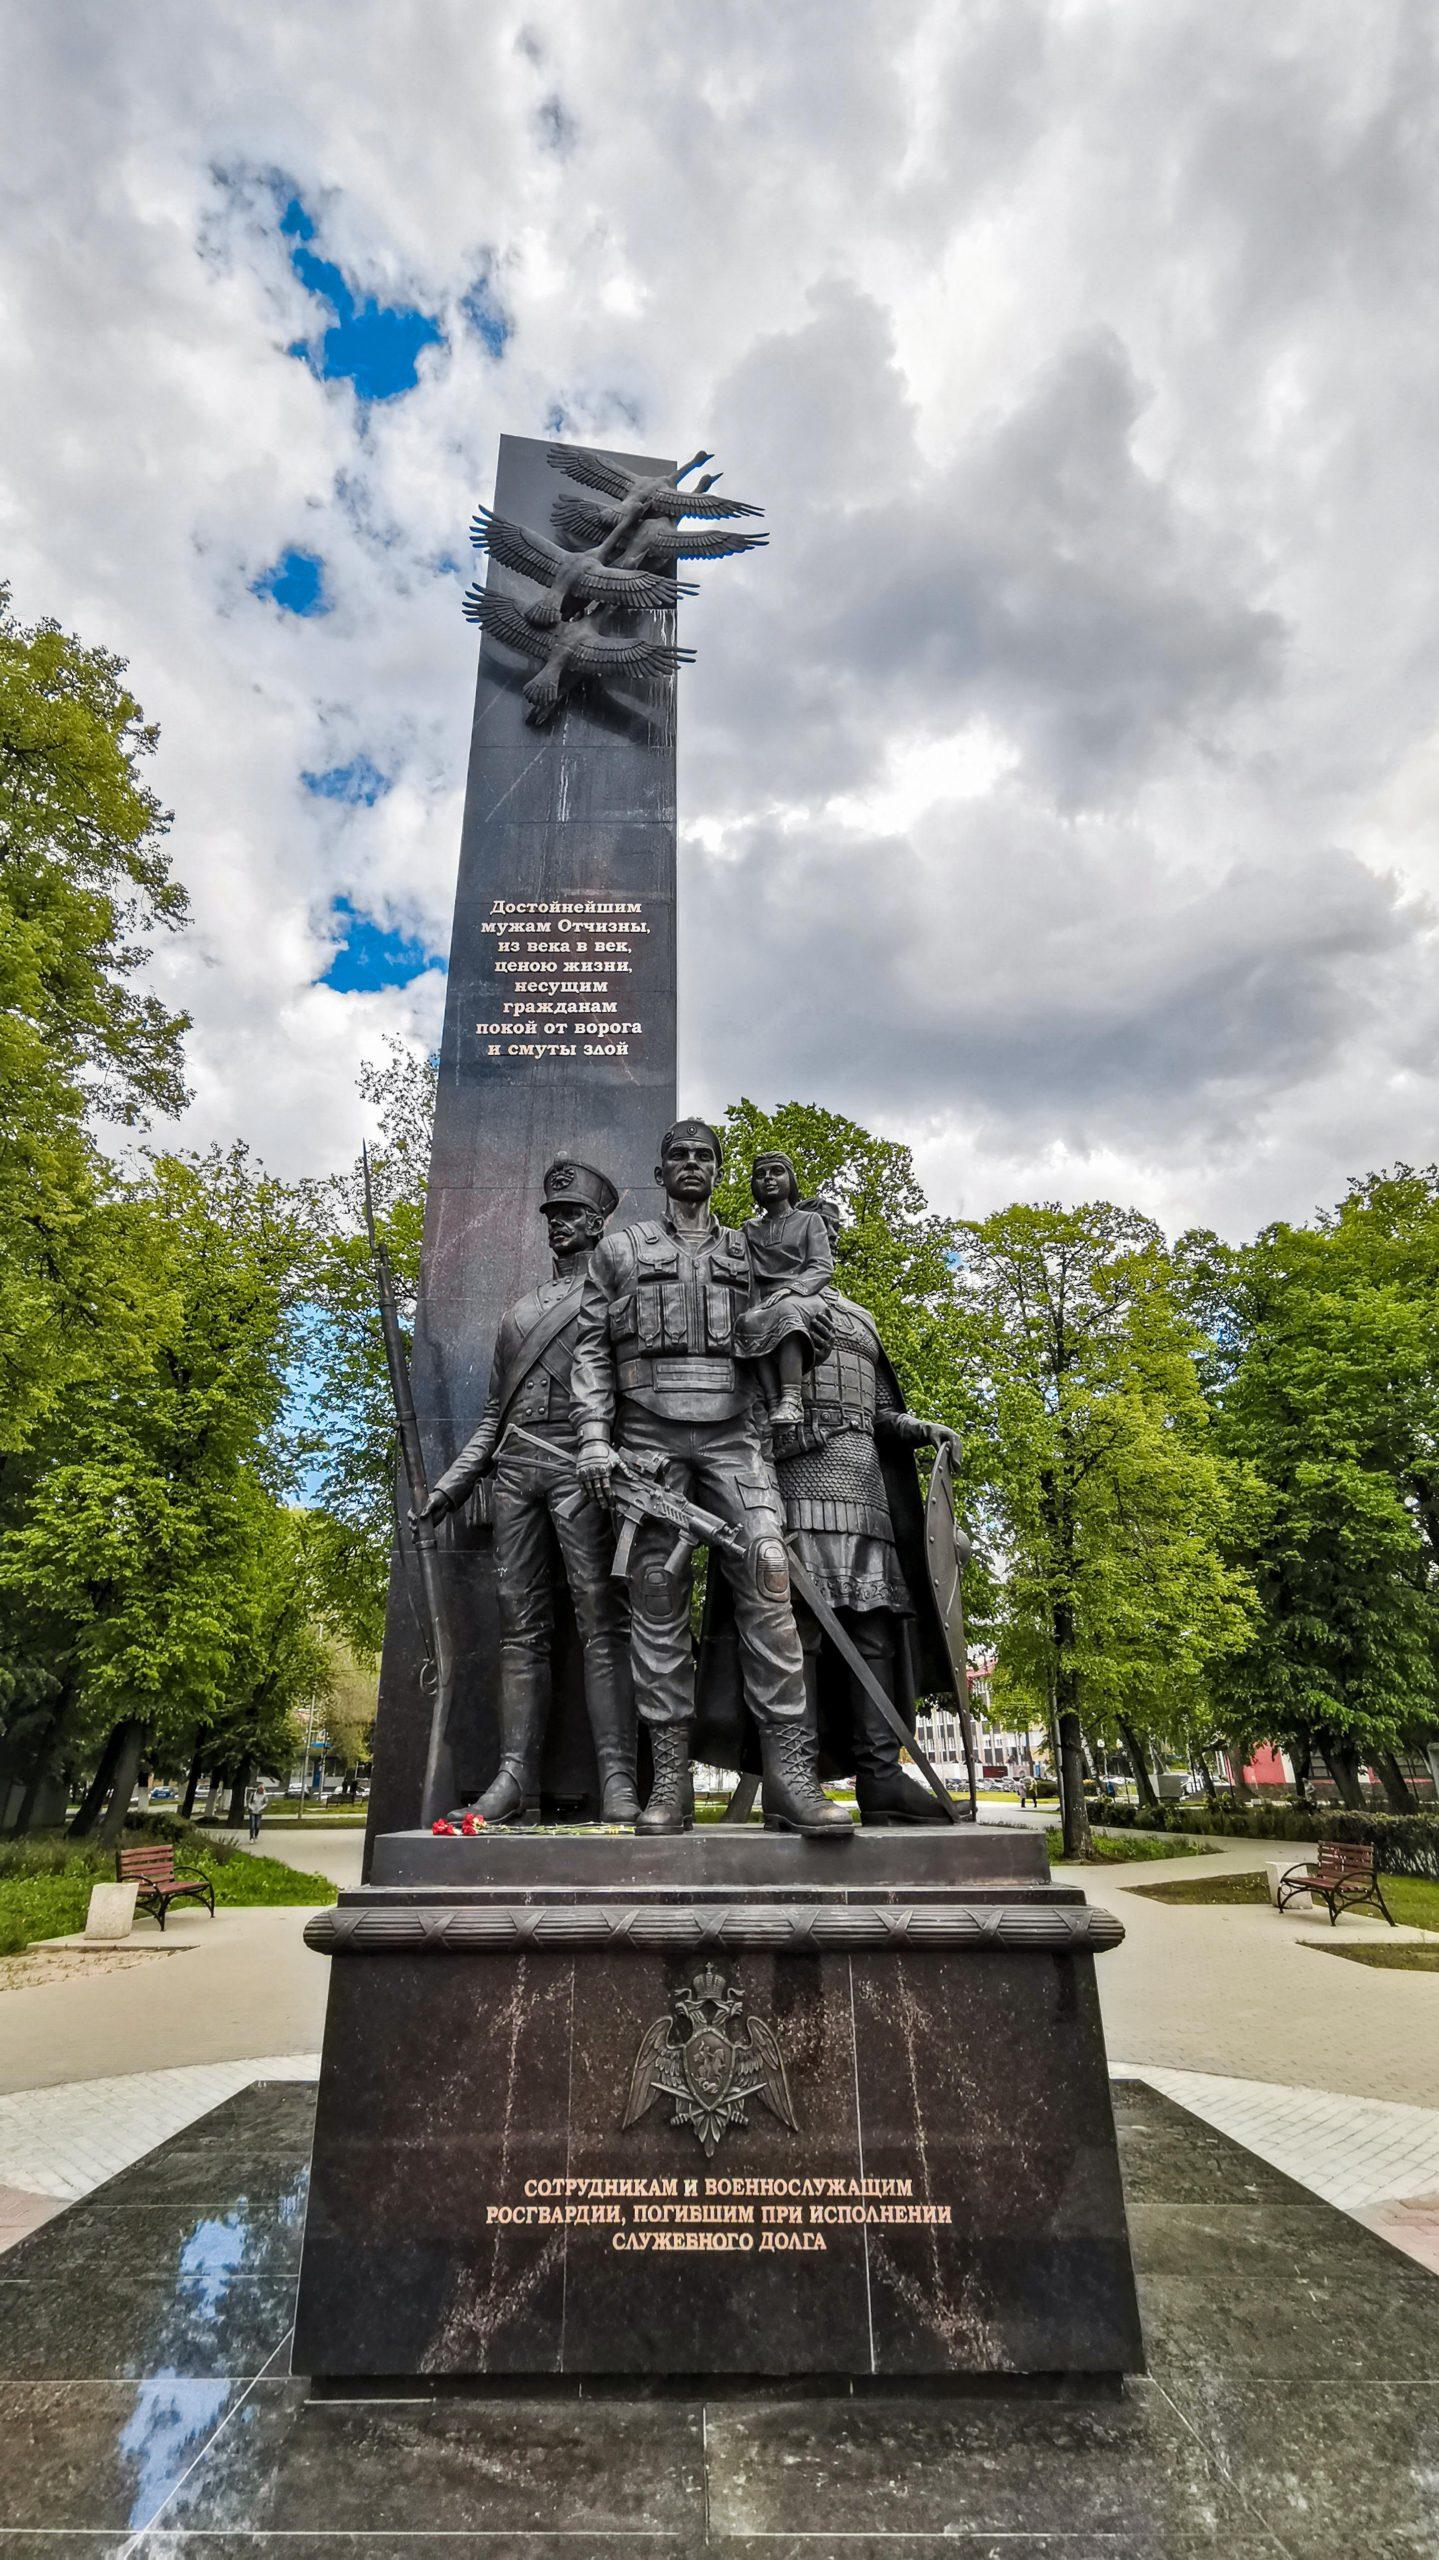 Памятник военным, погибшим при исполнении служебного долга, в Рязани